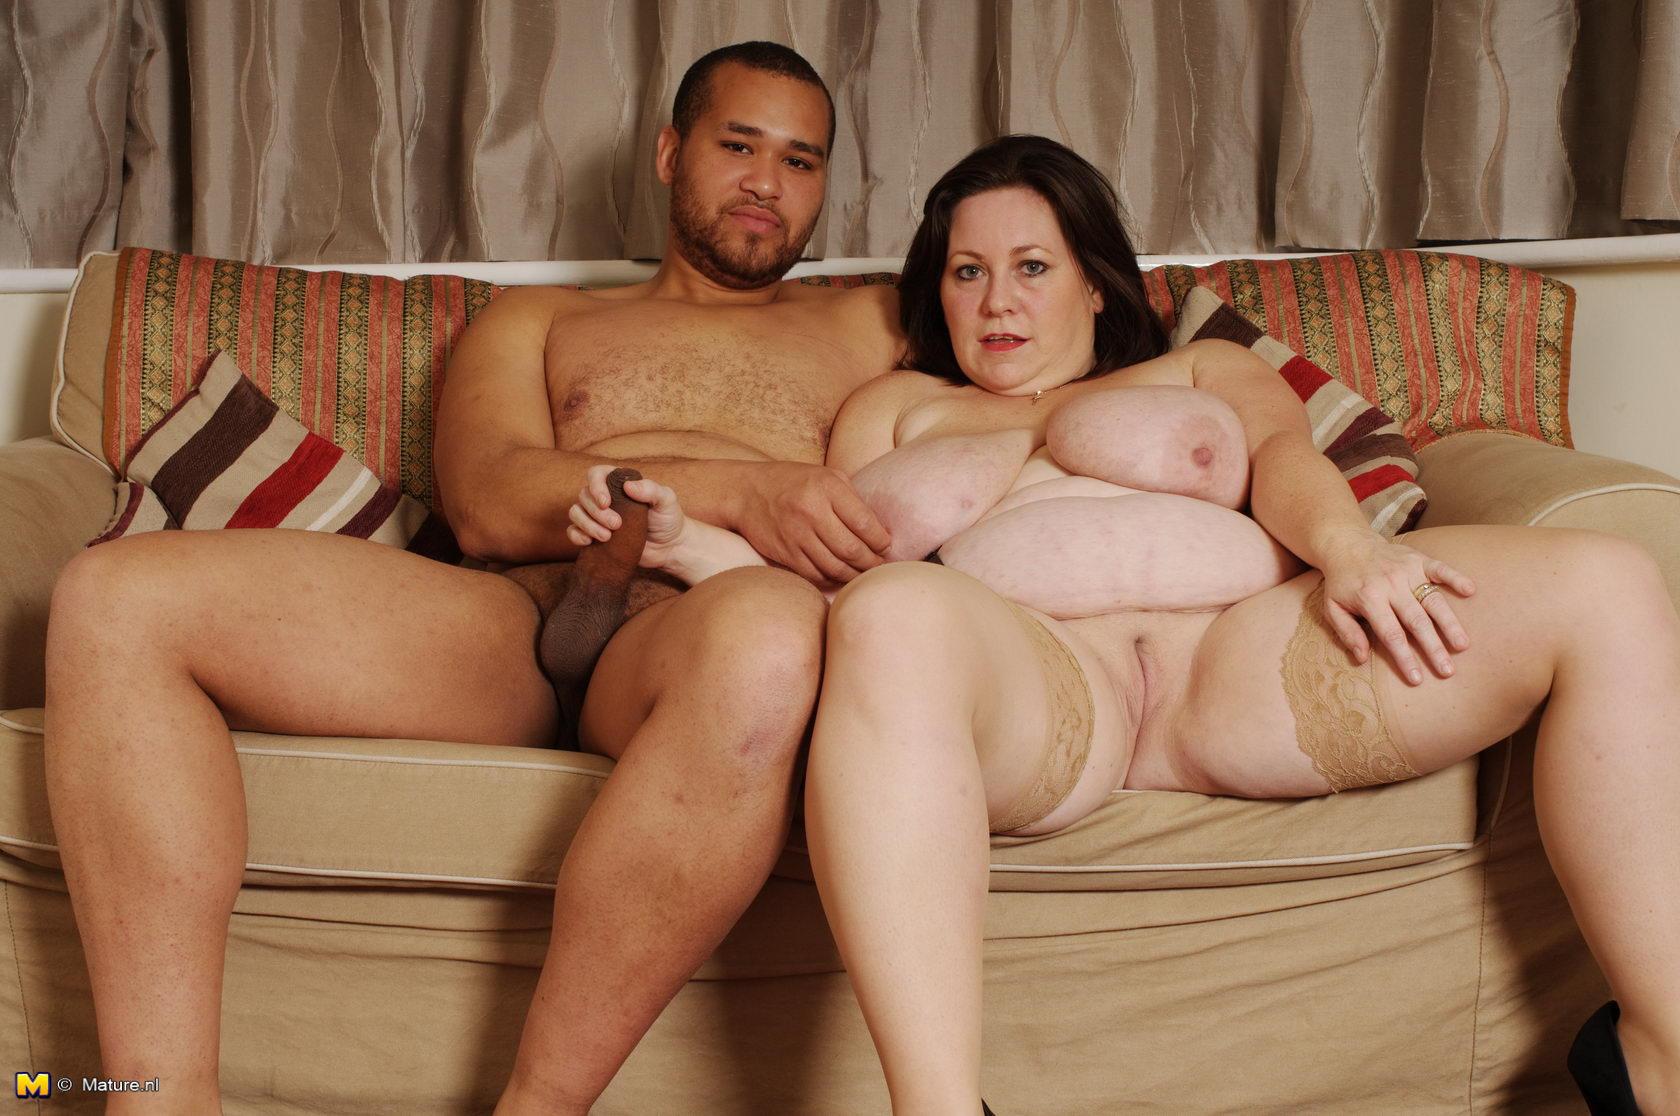 Секс толстушки мамочки молодым 25 фотография